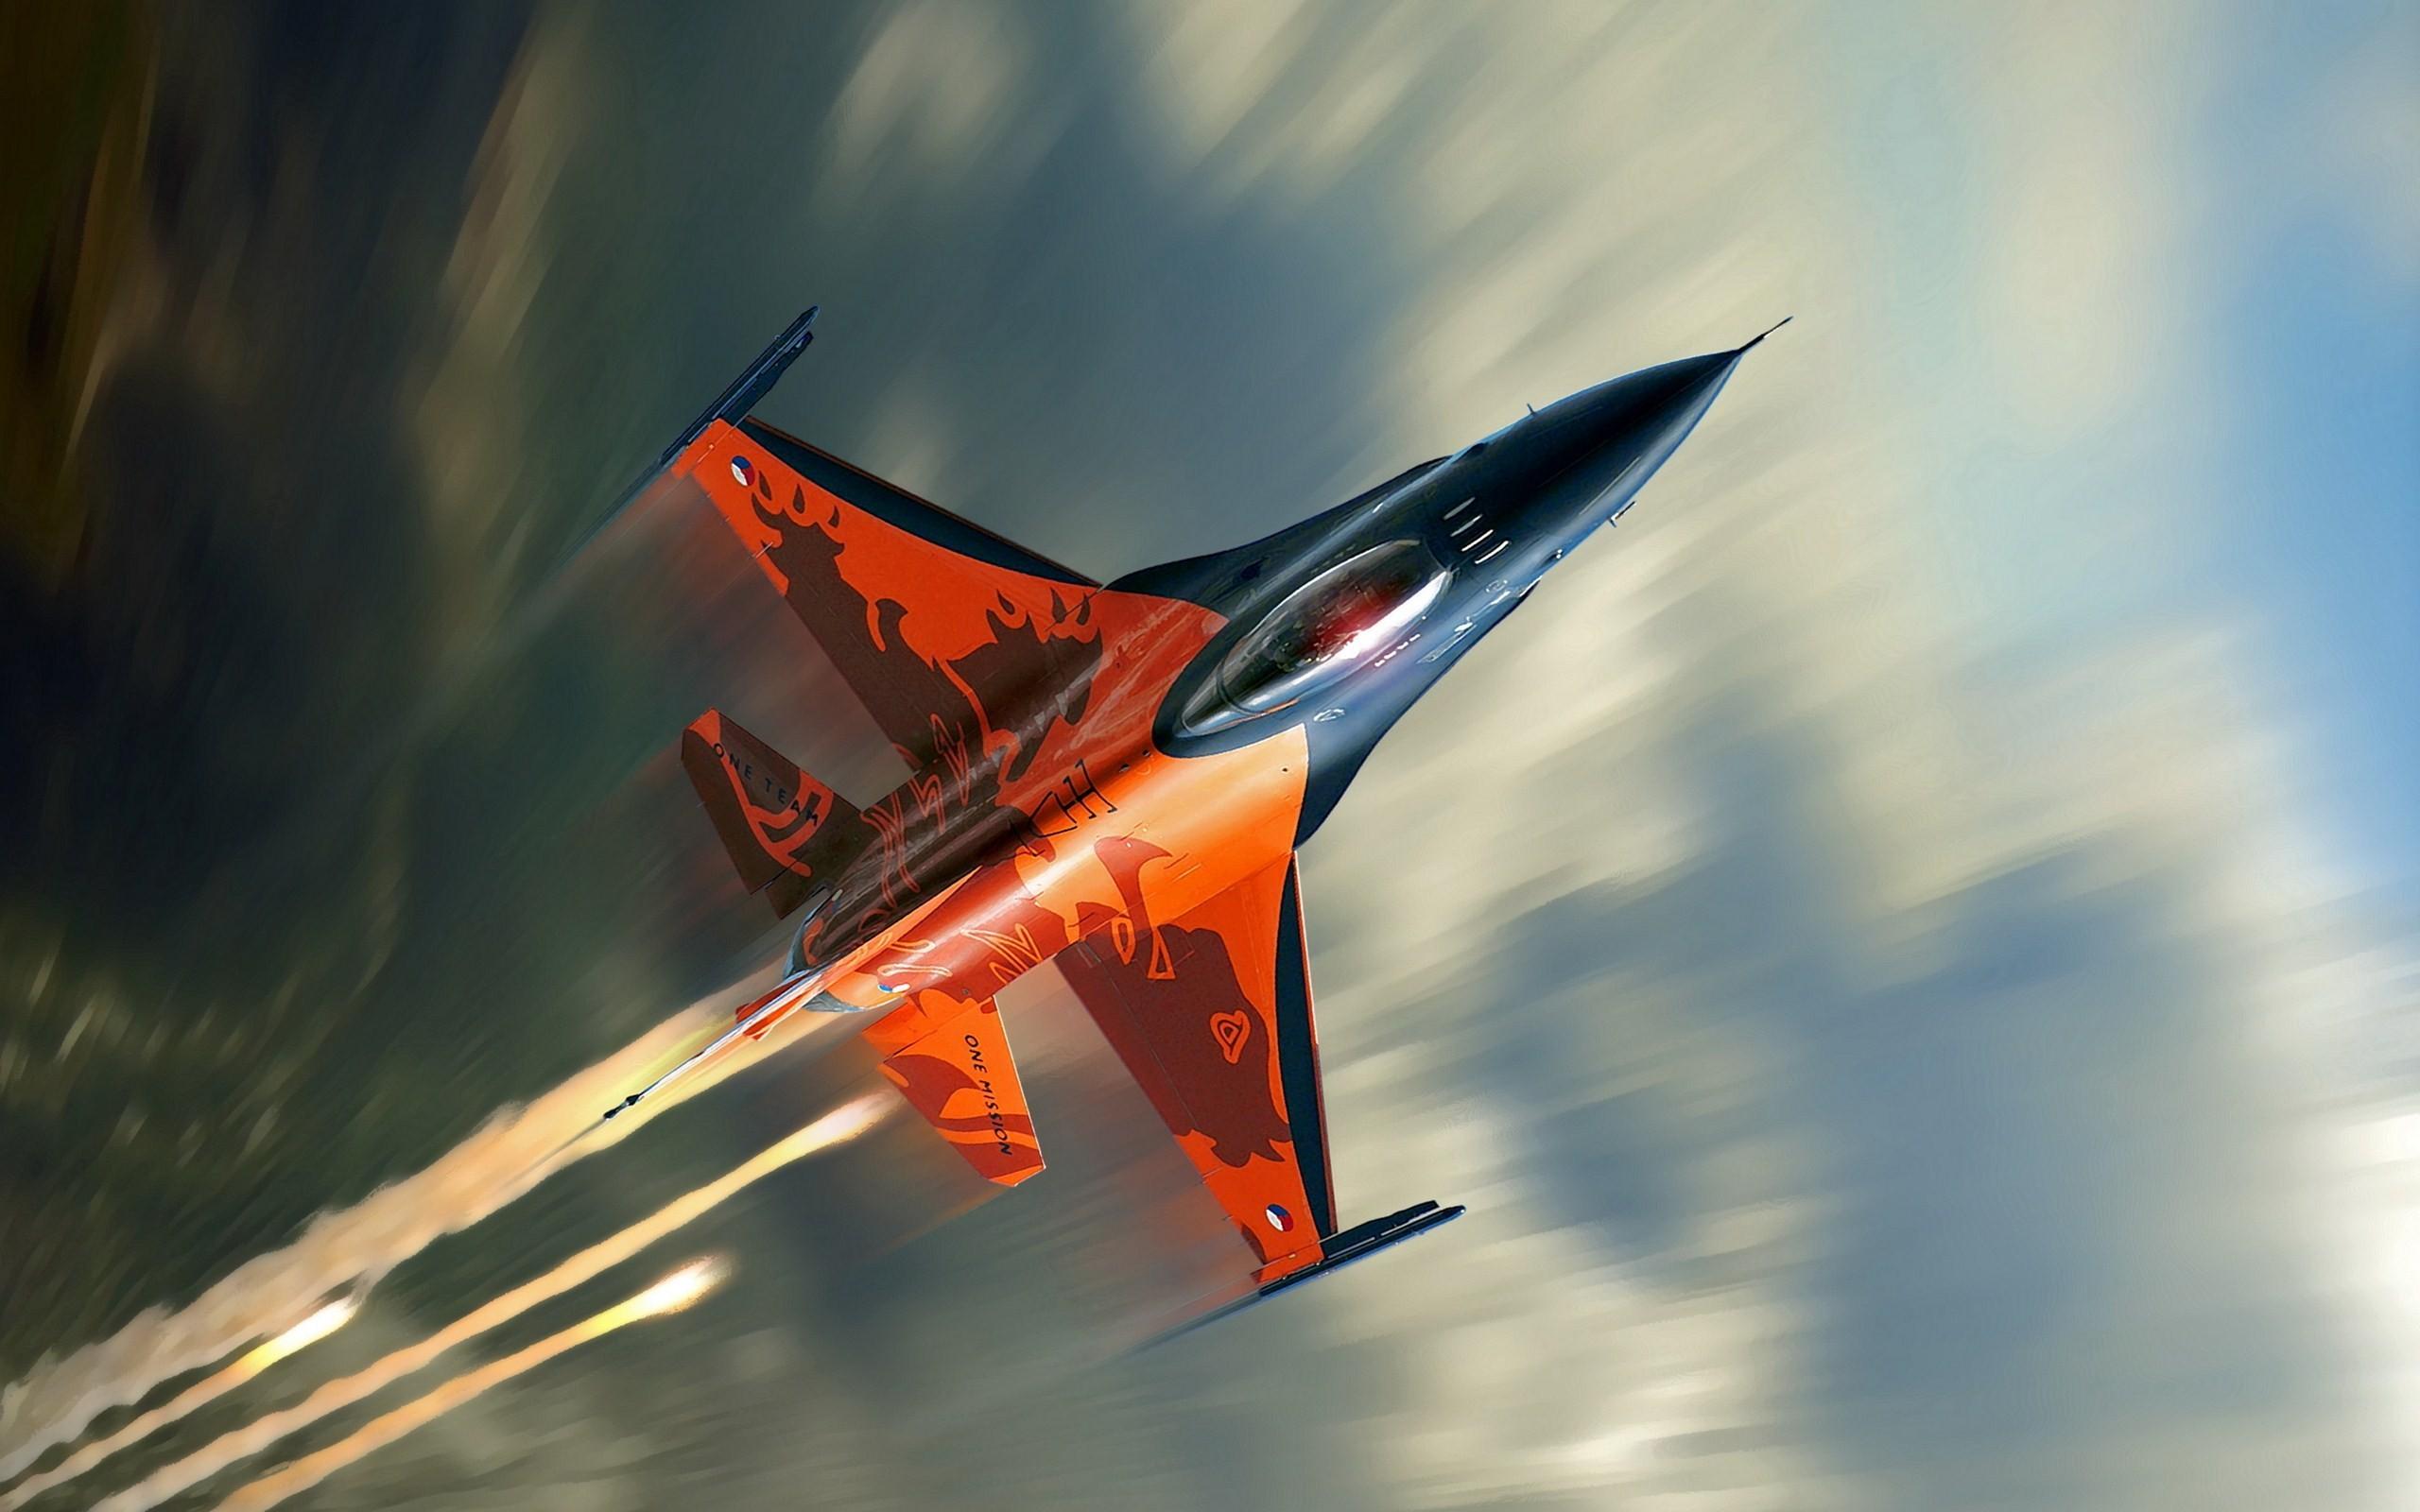 Avión F16 Falcon - 2560x1600